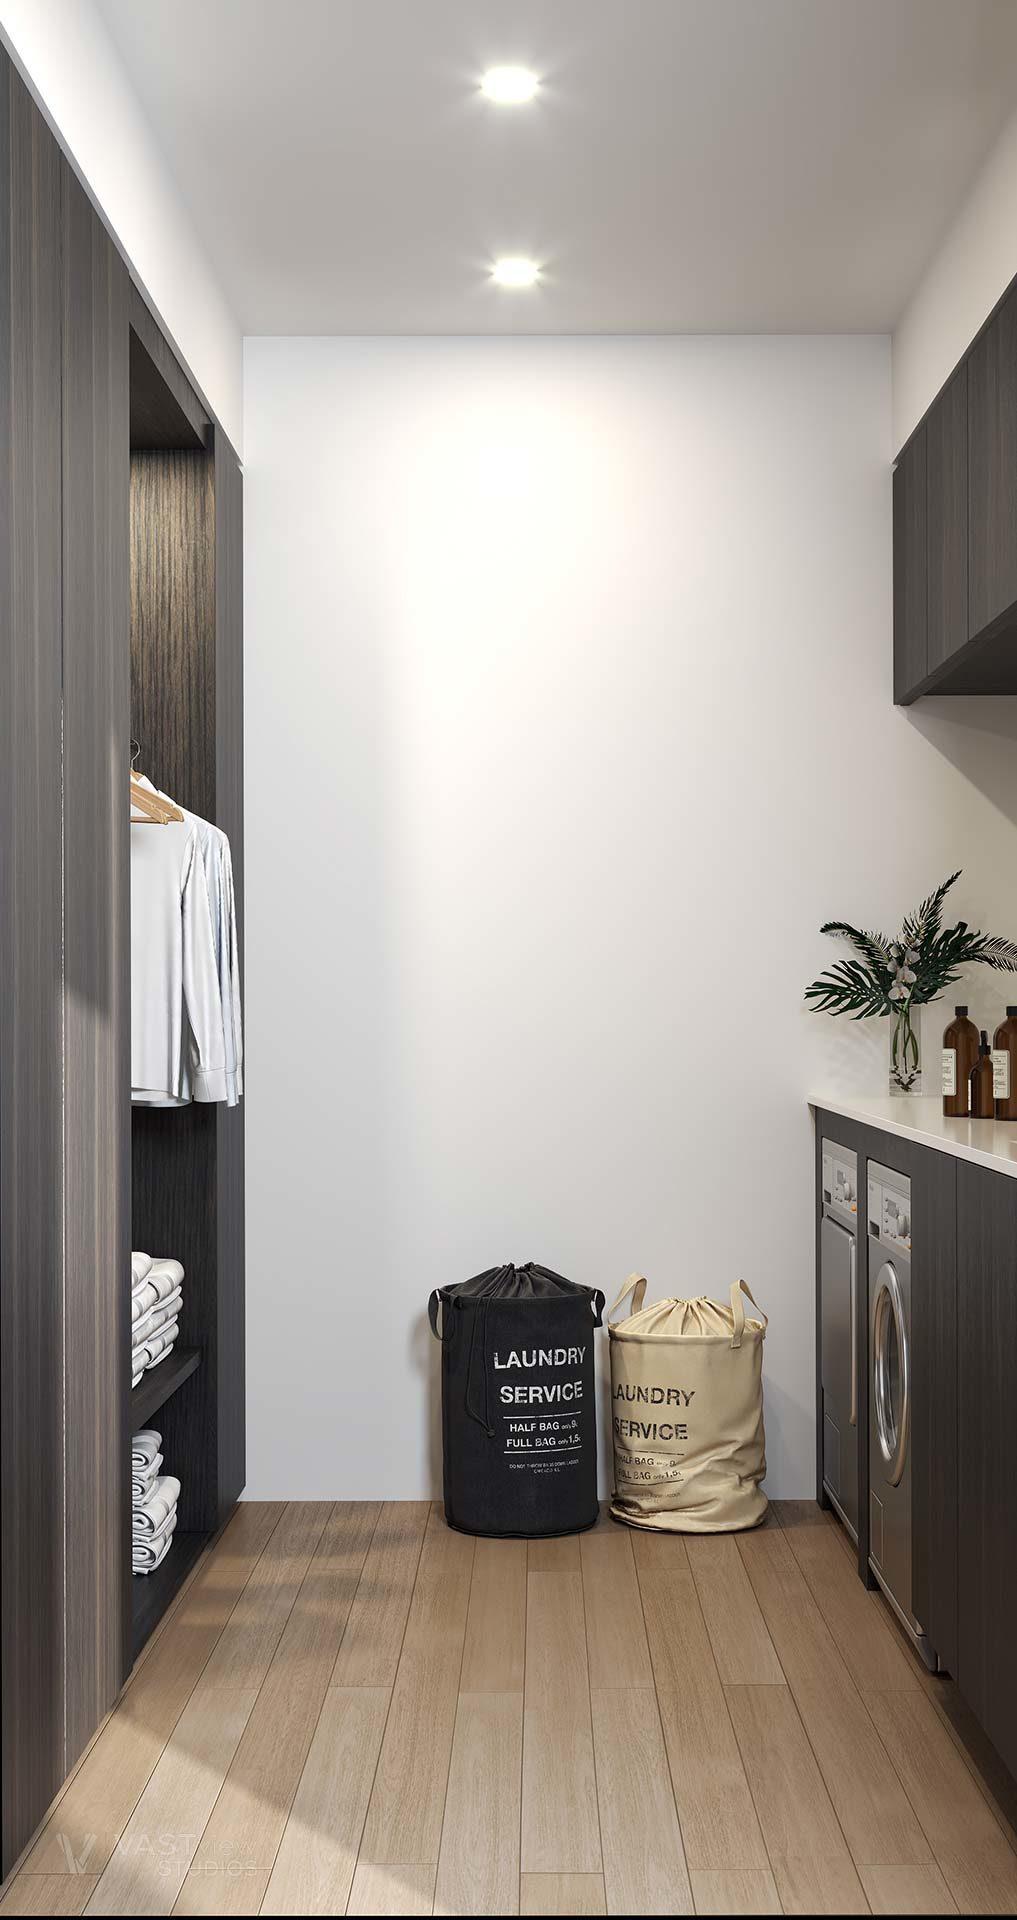 KennedySt_Laundry_FinalRender_v1.0